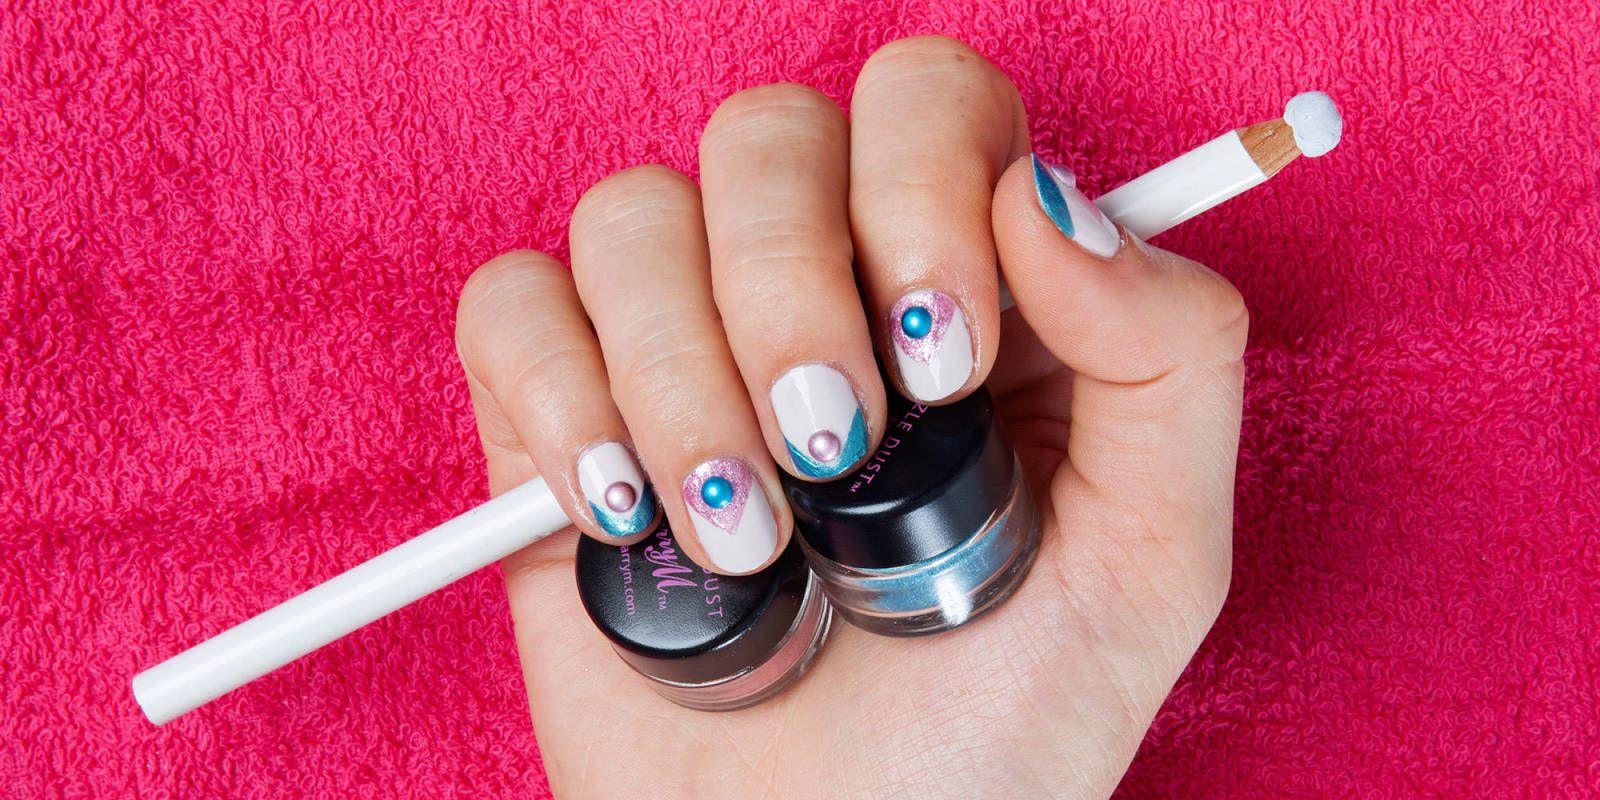 Diy nail art how to make nail tints using eye shadows galaxy nail diy nail art how to make nail tints using eye shadows solutioingenieria Gallery